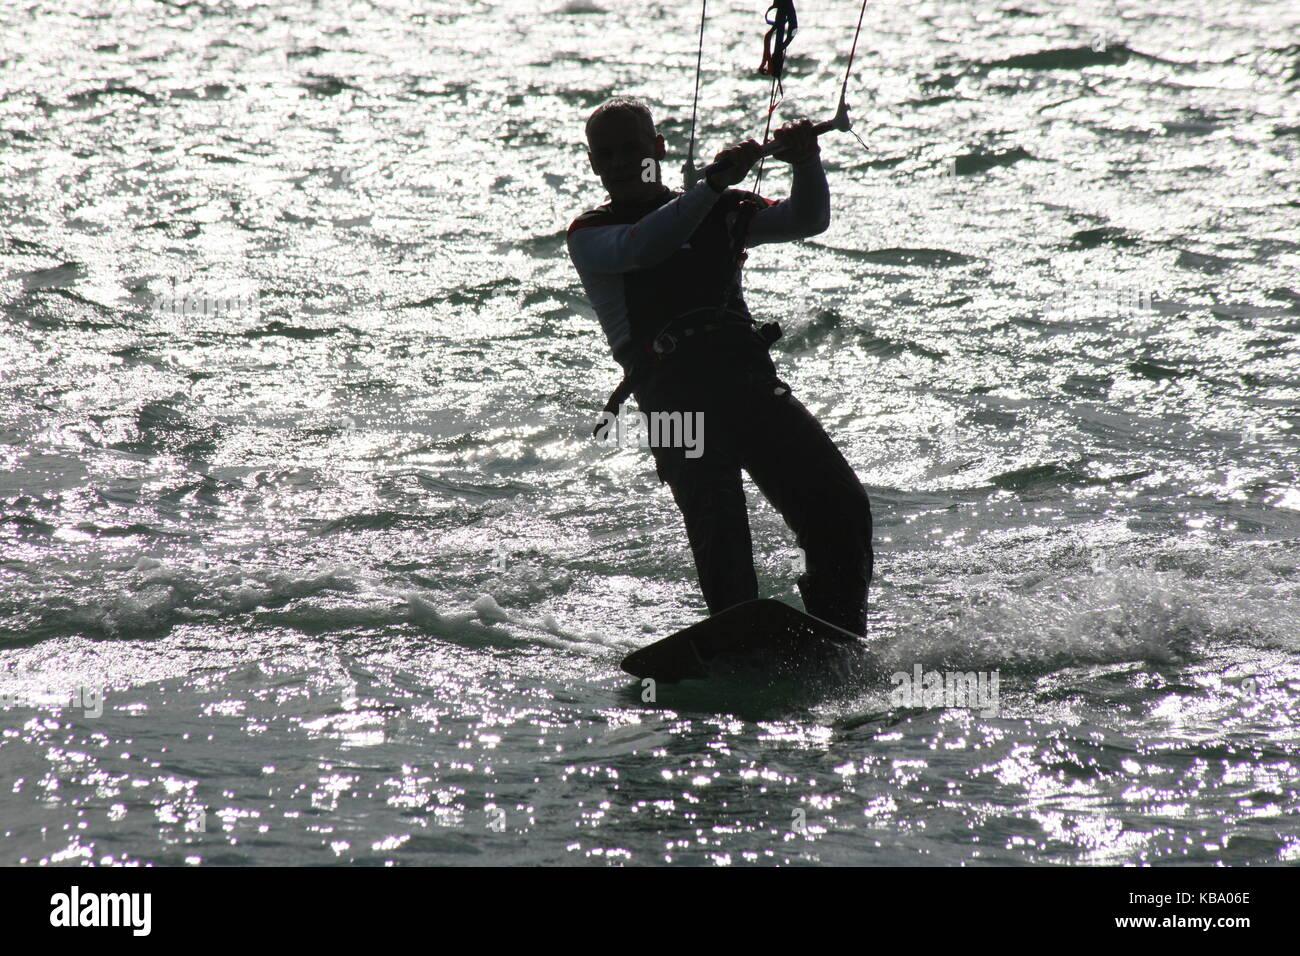 Surfer on surfboard with sail --- Kite Surfer auf Surfboard  im Gegenlicht - Stock Image